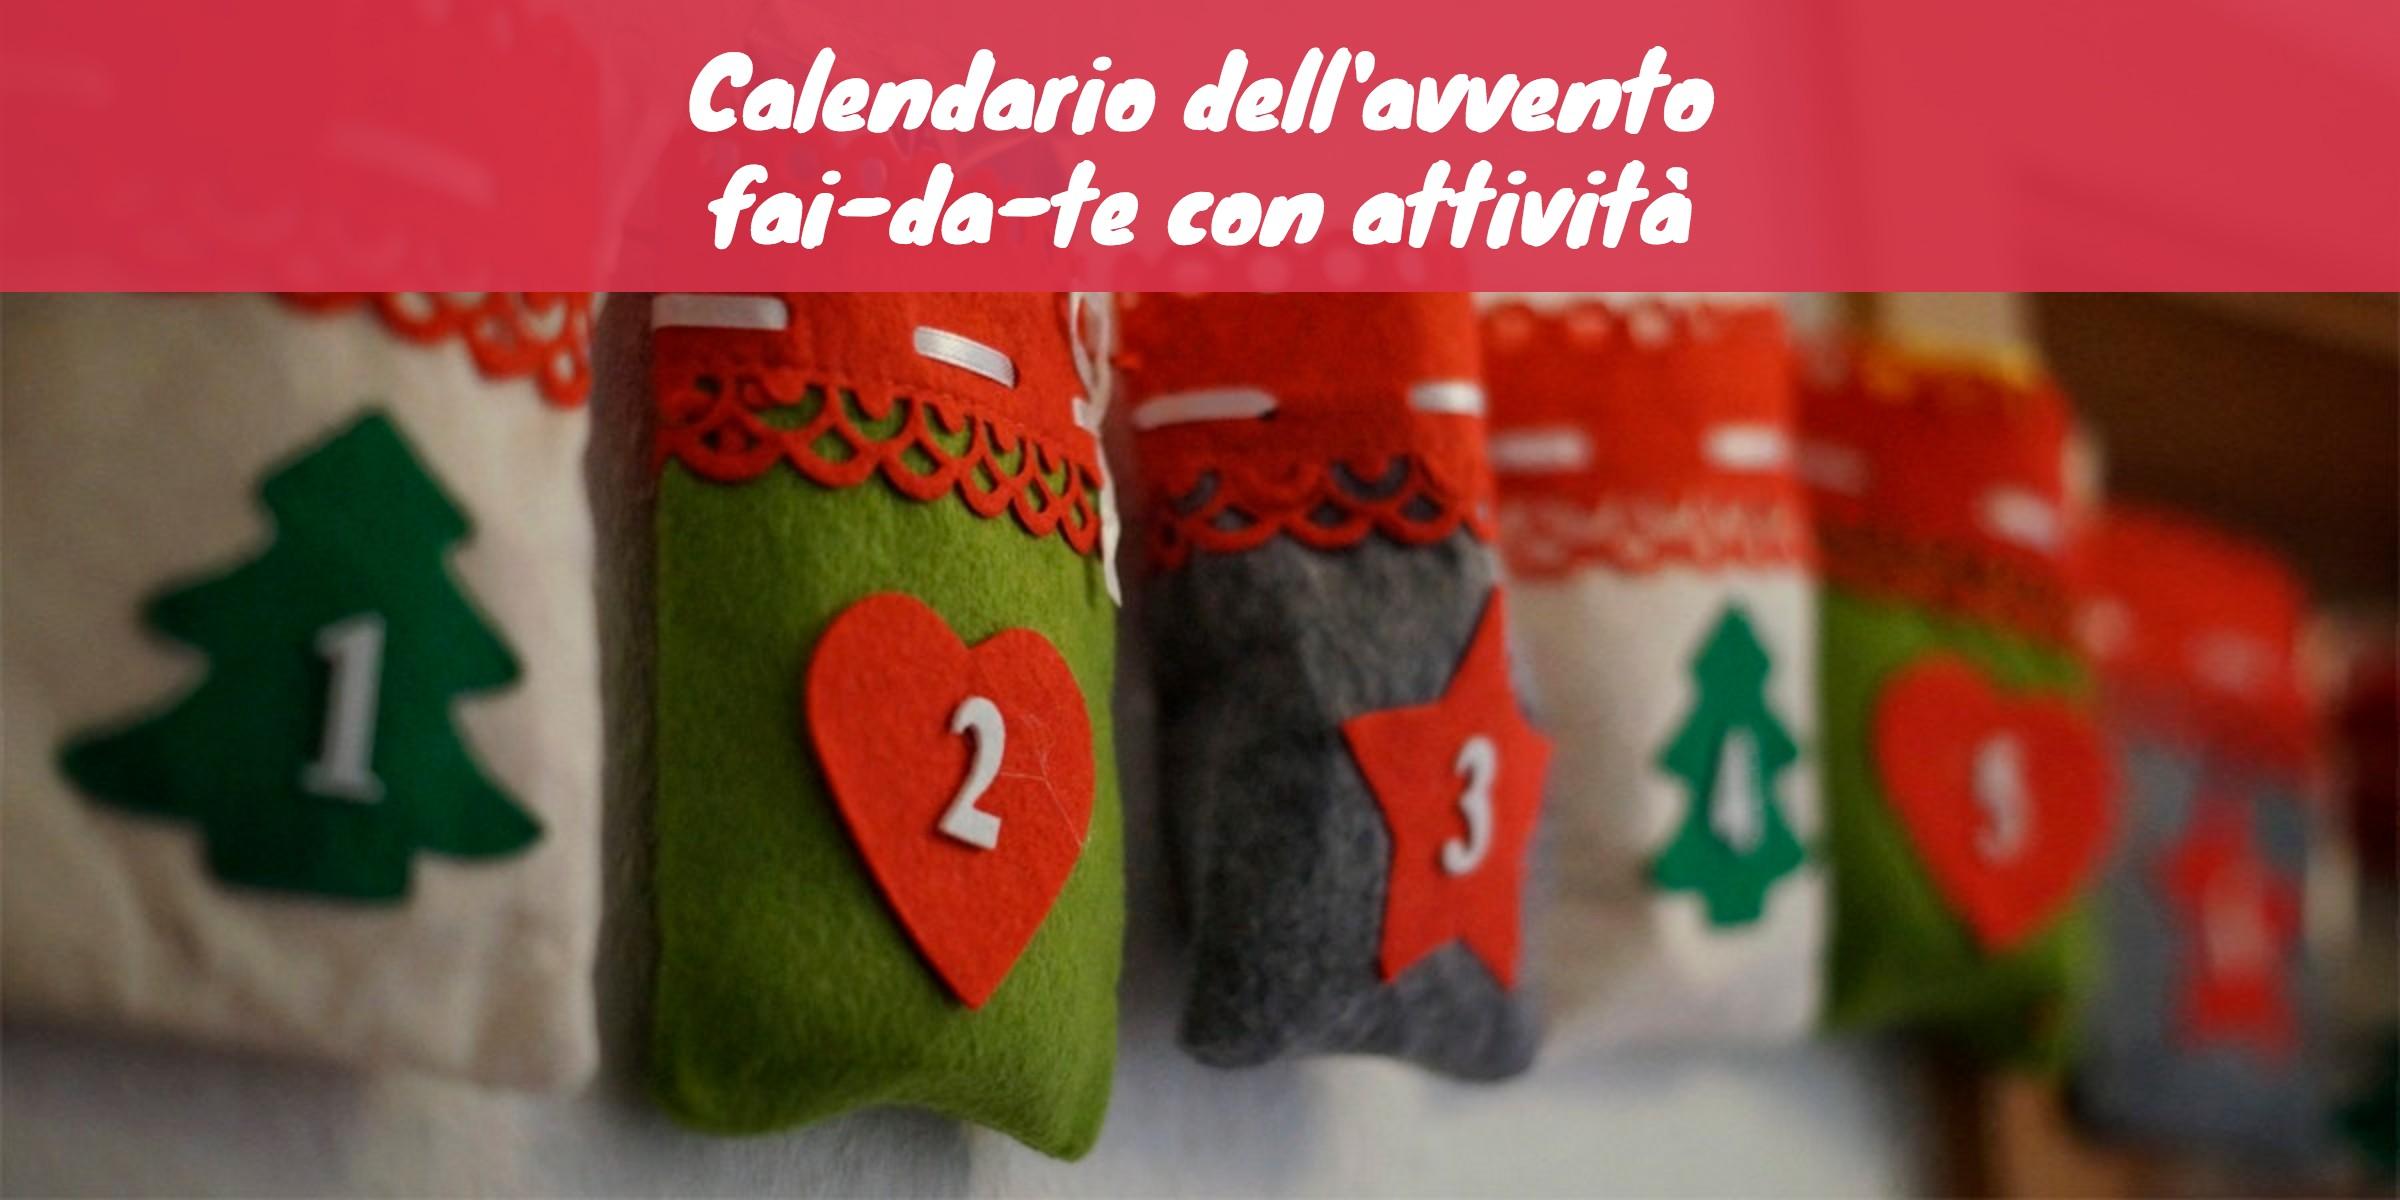 Calendario Di Avvento Per Bambini.Calendario Dell Avvento Fai Da Te Con Attivita